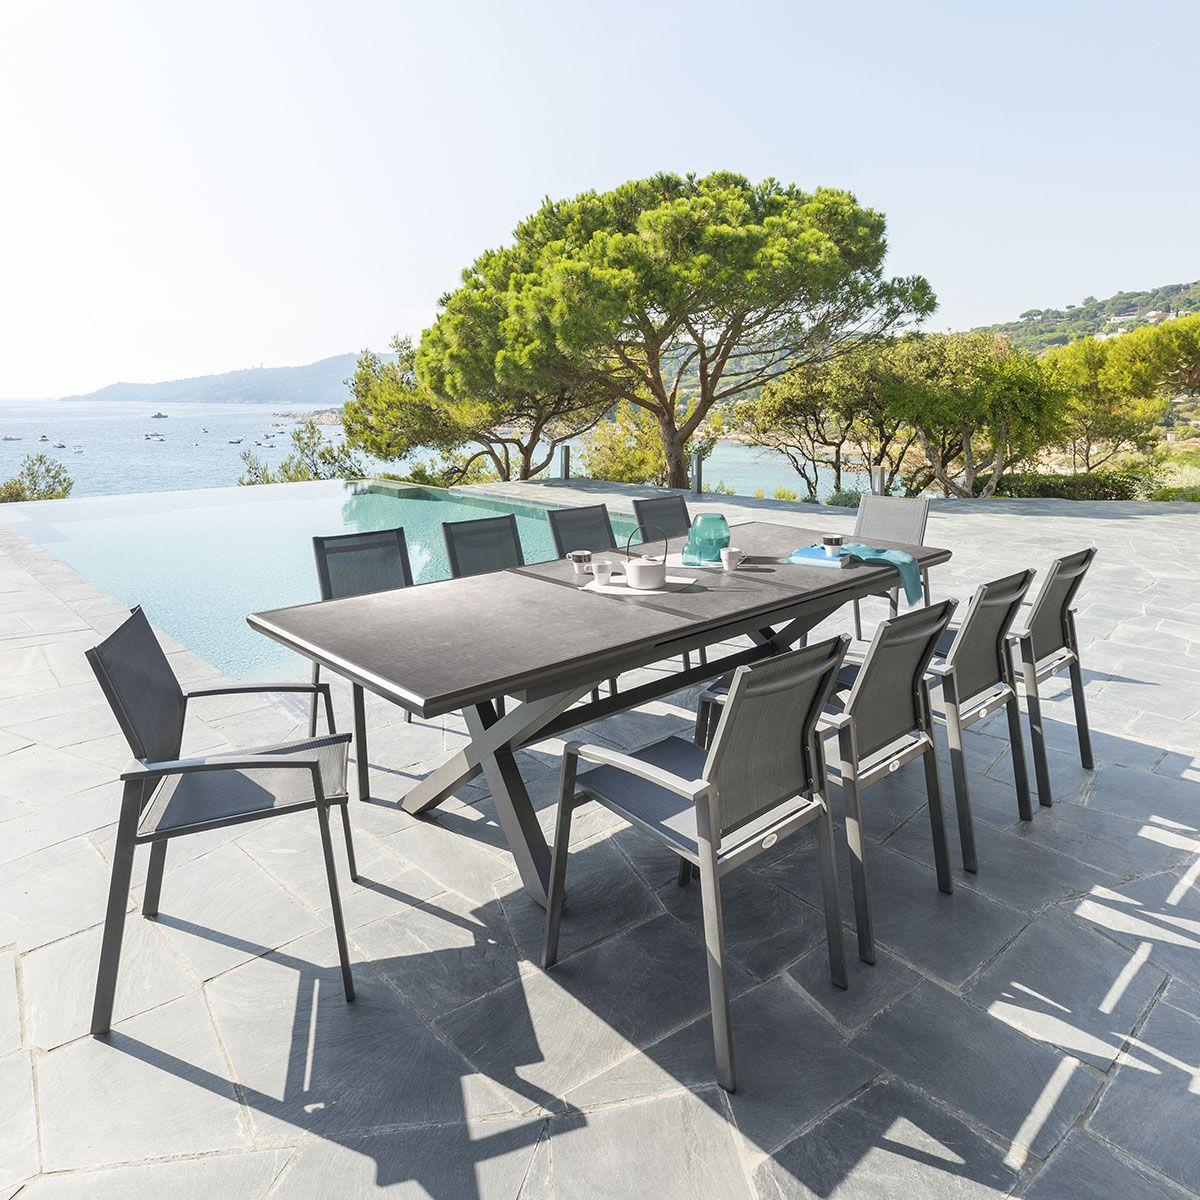 Conviez Vos Amis En Toute Tranquillité Avec La Table De ... avec Salon De Jardin Hubo